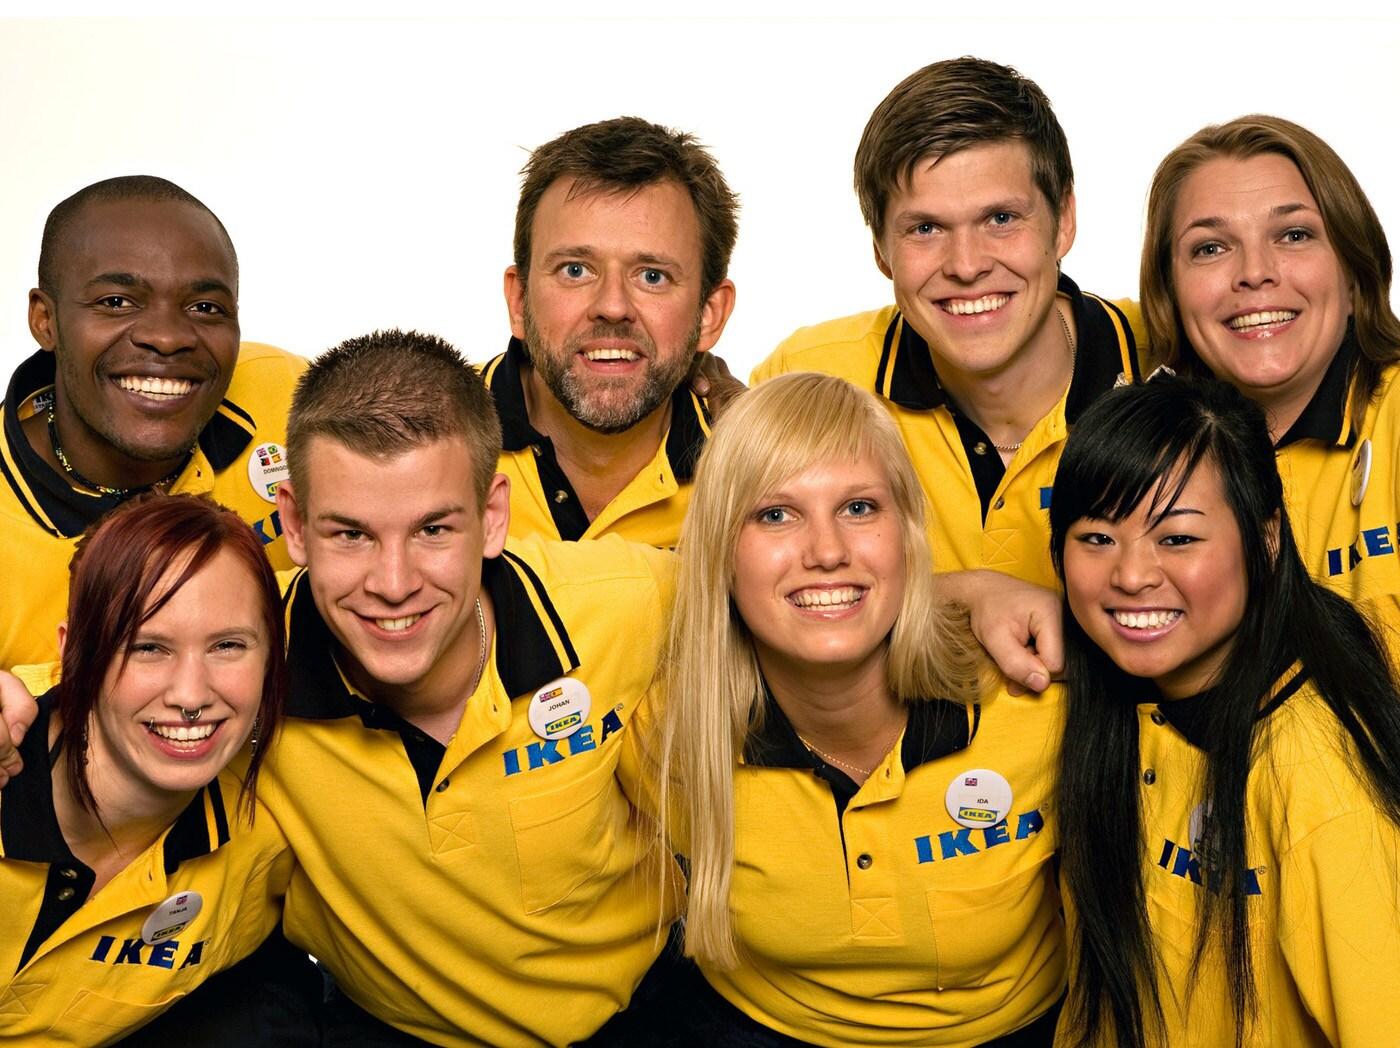 Většina lidí vidí výrobky IKEA. My vidíme všechny ty inspirující osobnosti, které je umožnily.